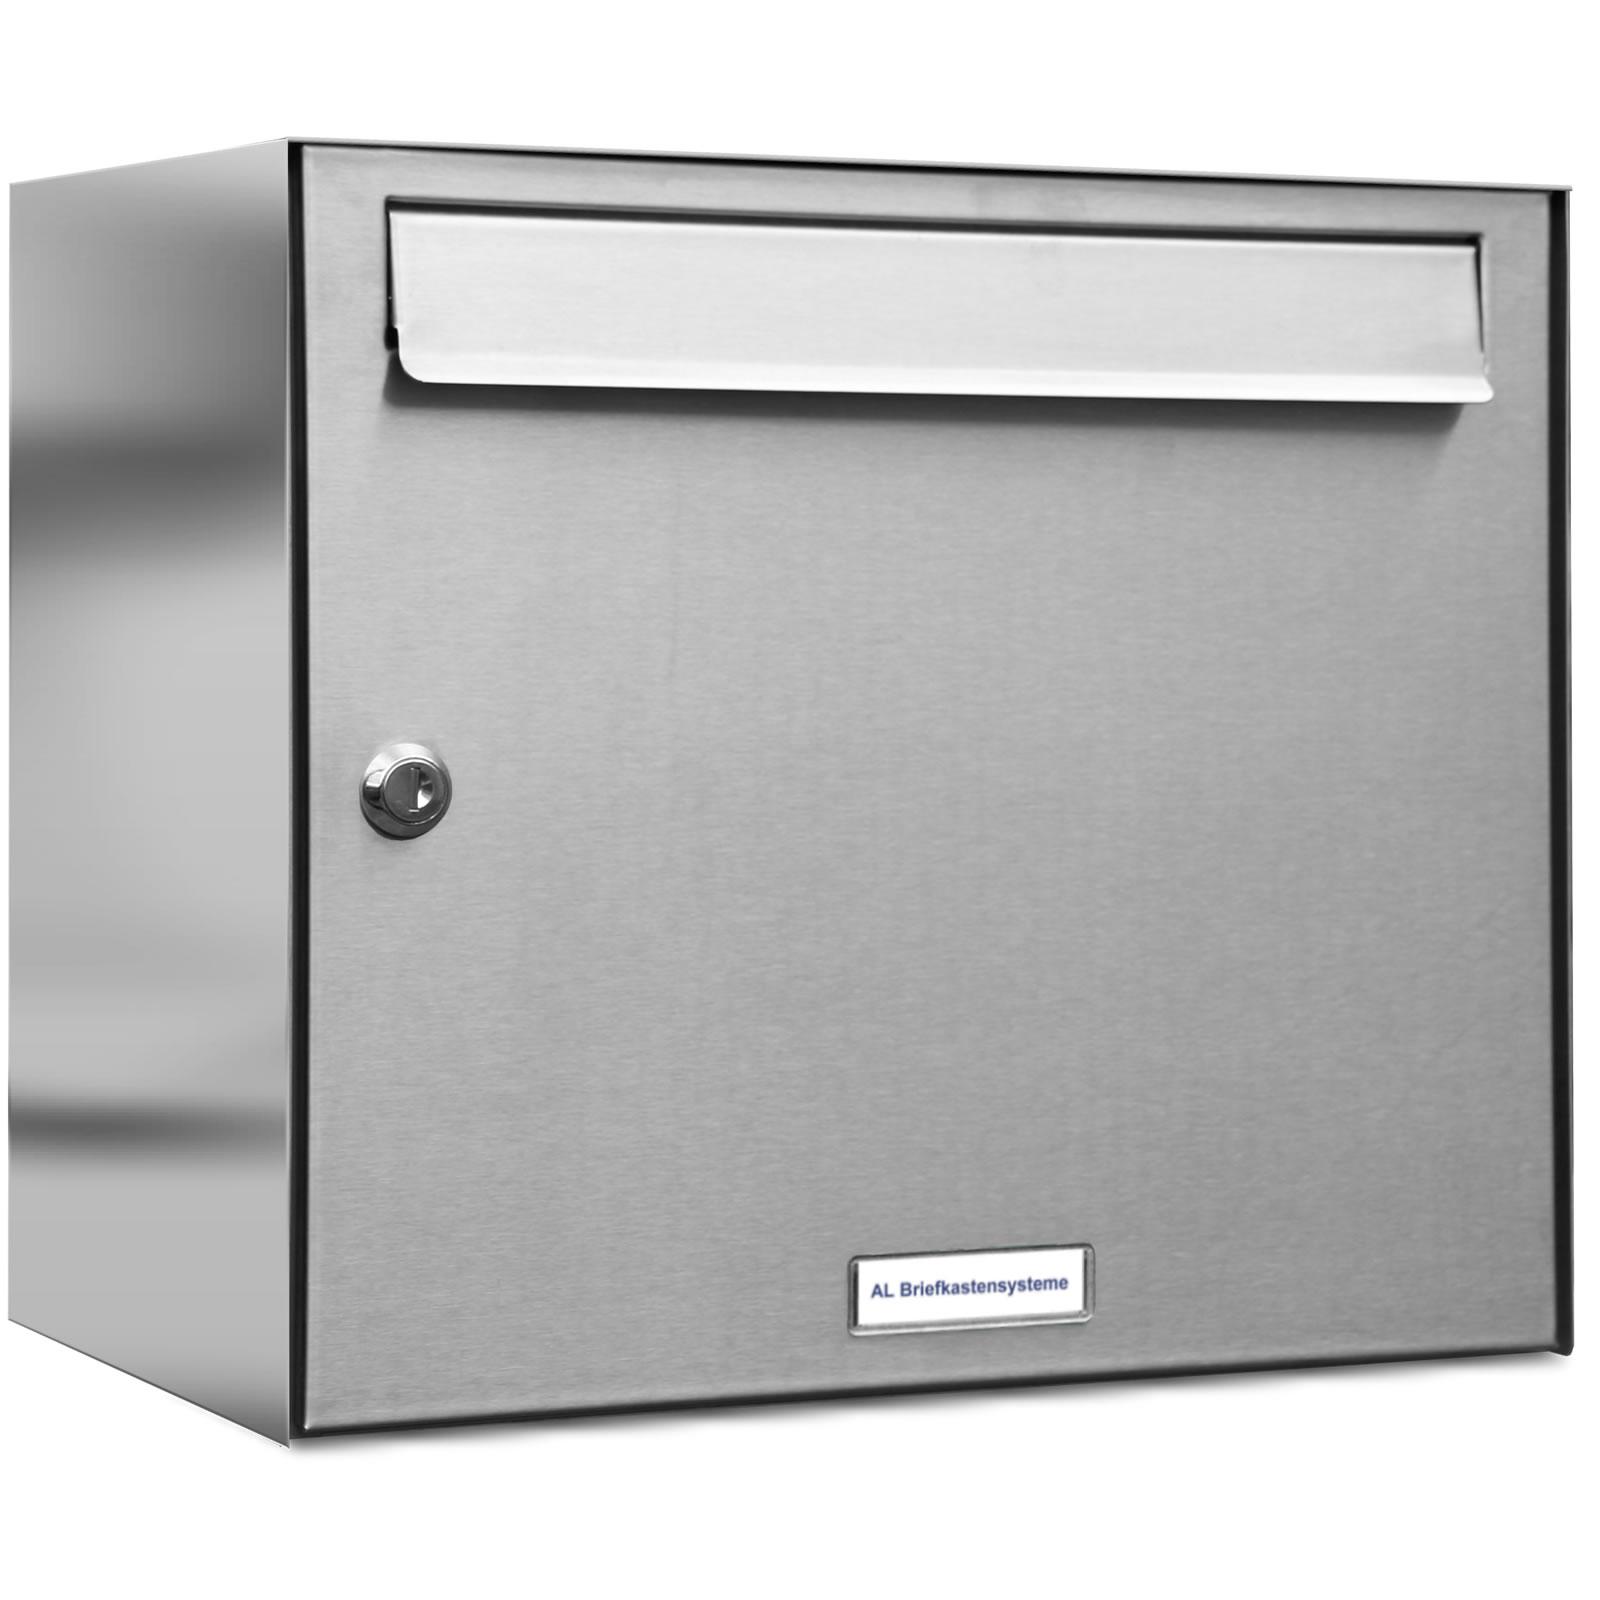 1 Fach Postkasten modern Aufputz Premium Briefkasten DIN A4 AL Briefkastensysteme 1er Briefkastenanlage Anthrazit Grau RAL 7016